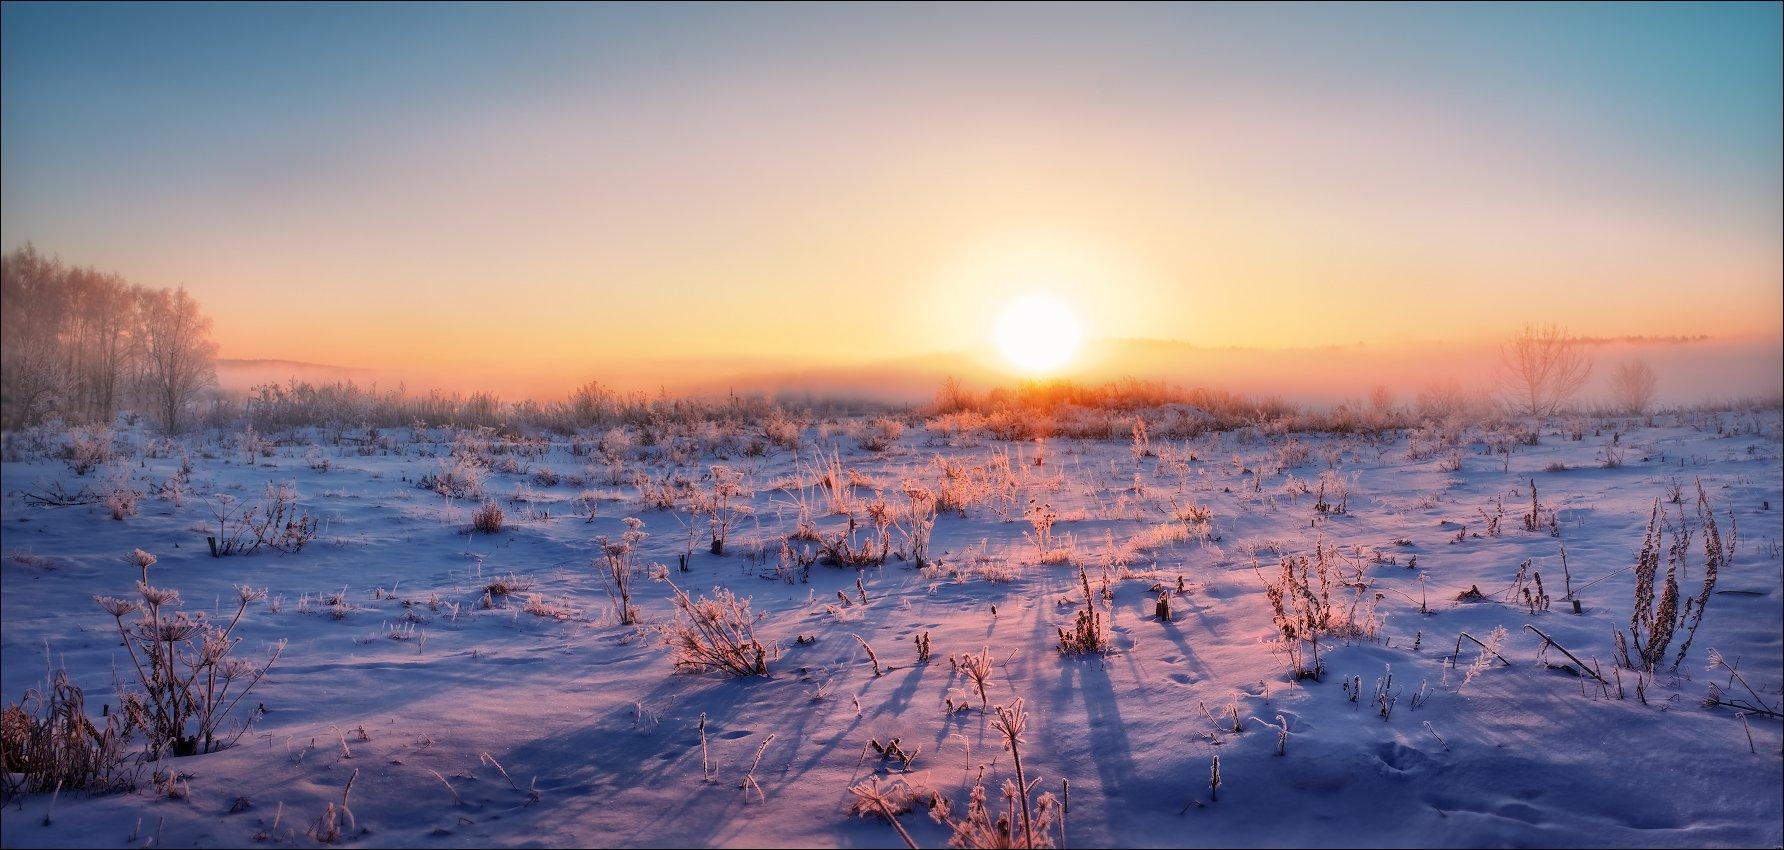 Дымка, Зима, Рассвет, Сергей Шабуневич